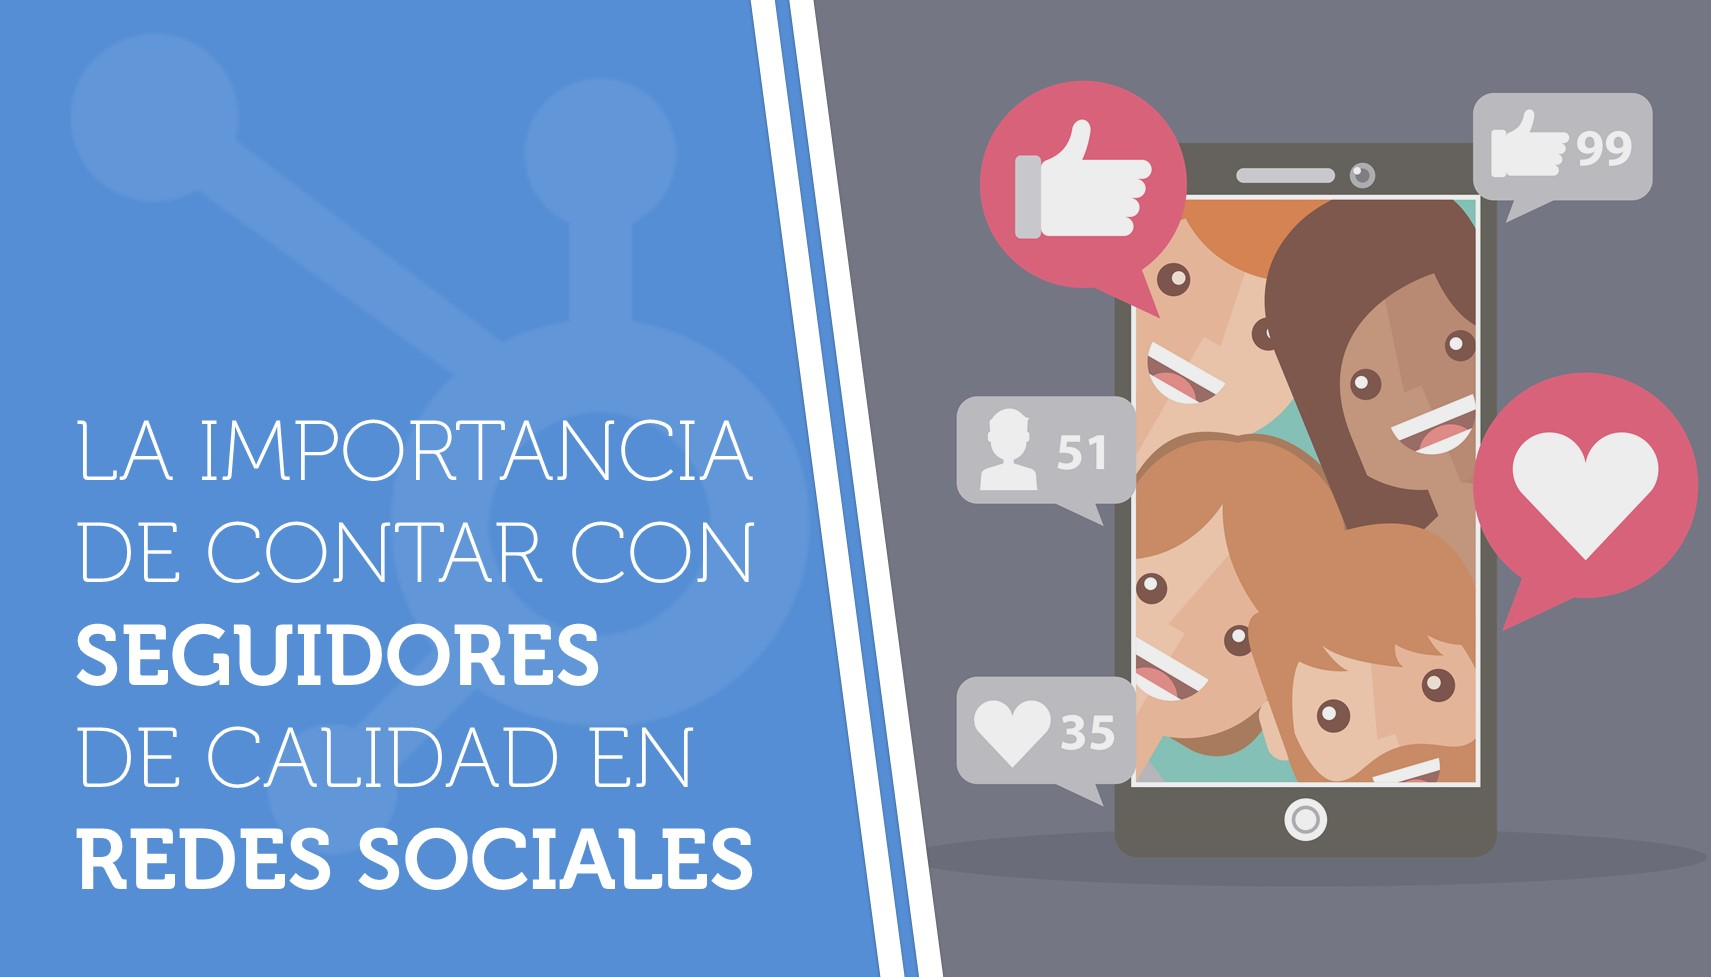 La importancia de contar con seguidores de calidad en redes sociales